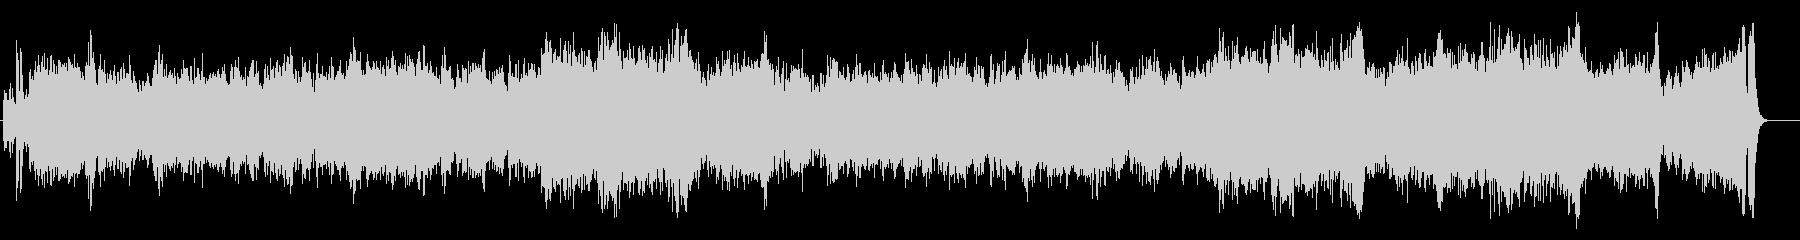 壮大な映画風オーケストラ(フルサイズ)の未再生の波形